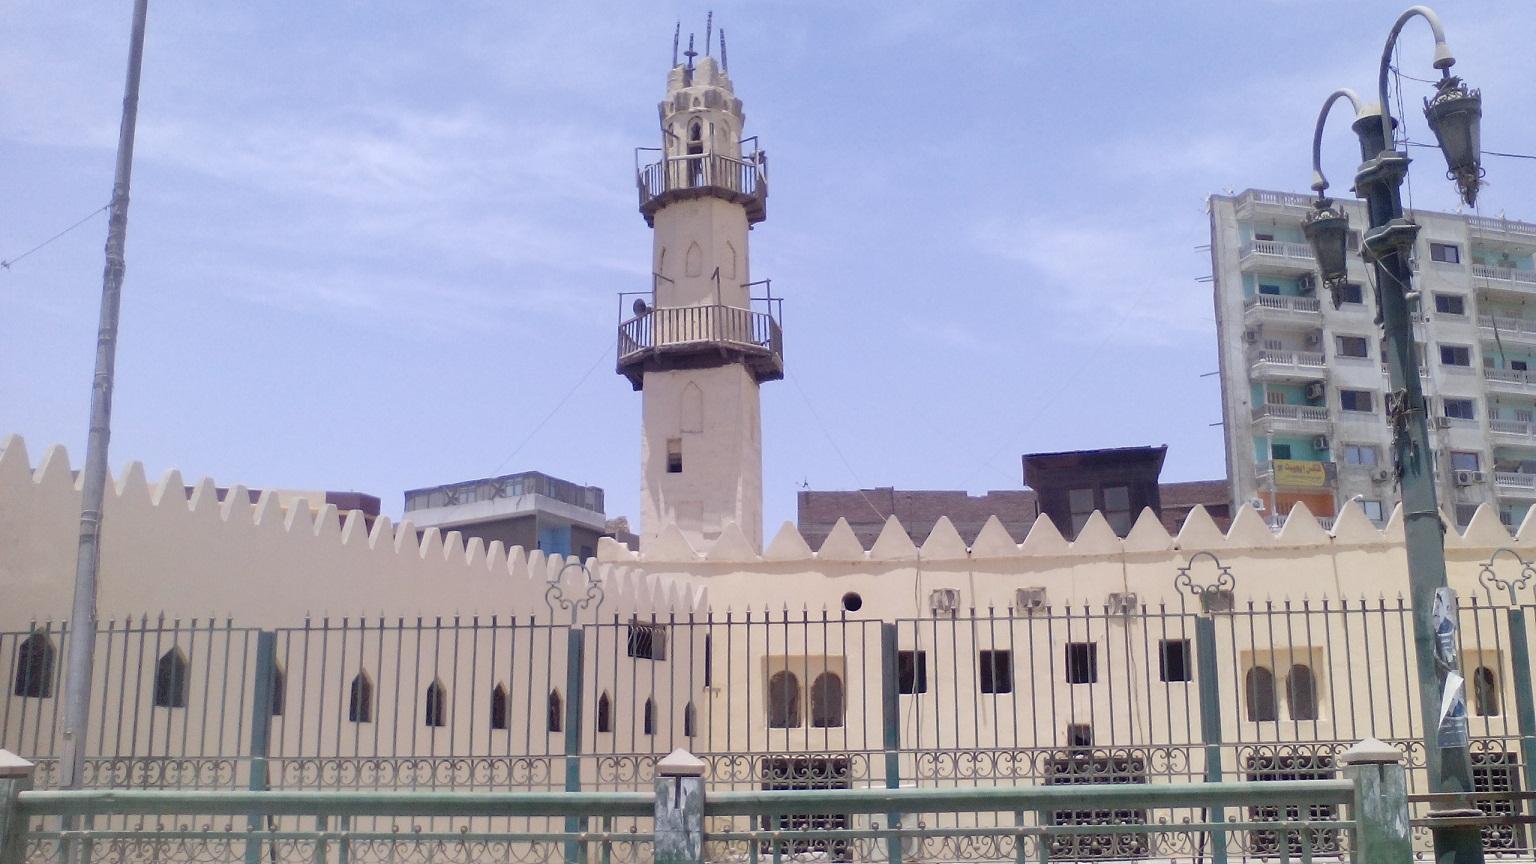 مسجد الوداع يعود للعصر المملوكي الجركسي بمدينة المنيا